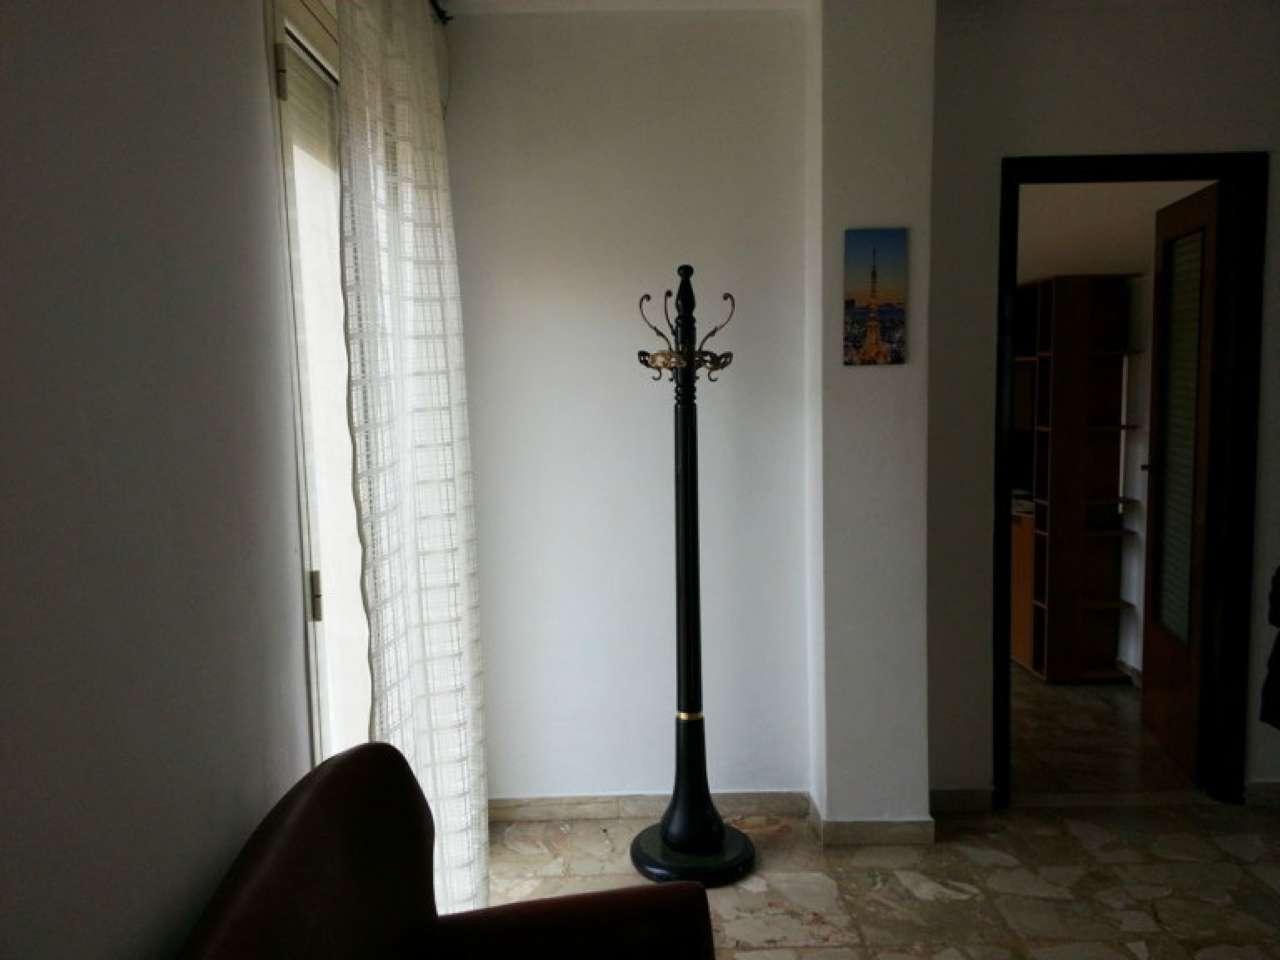 Attico / Mansarda in affitto a Siracusa, 2 locali, prezzo € 550 | CambioCasa.it